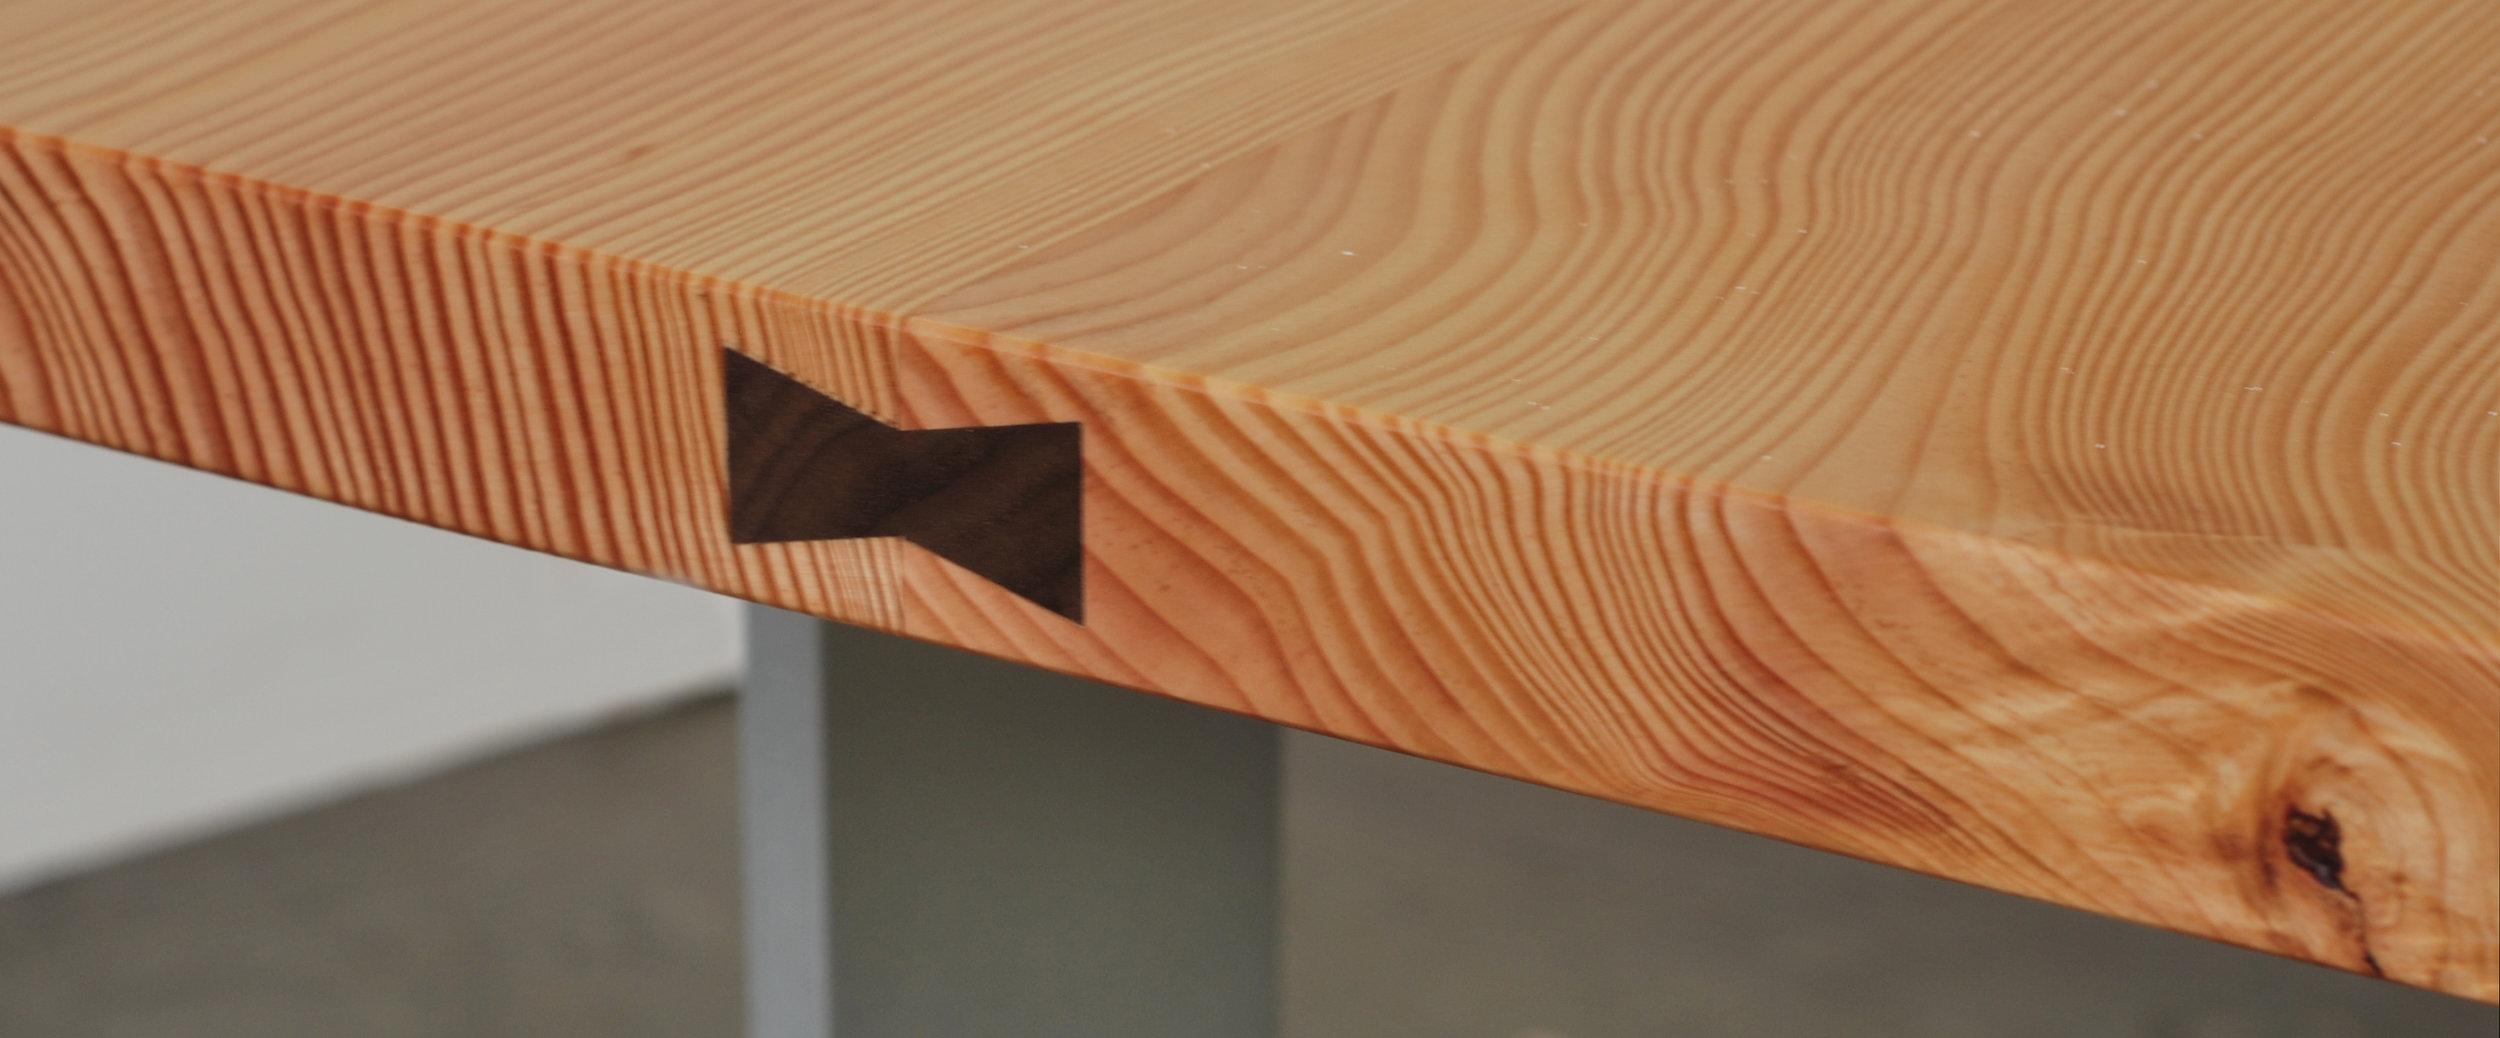 Dovetail spline detail on Memorial Bench